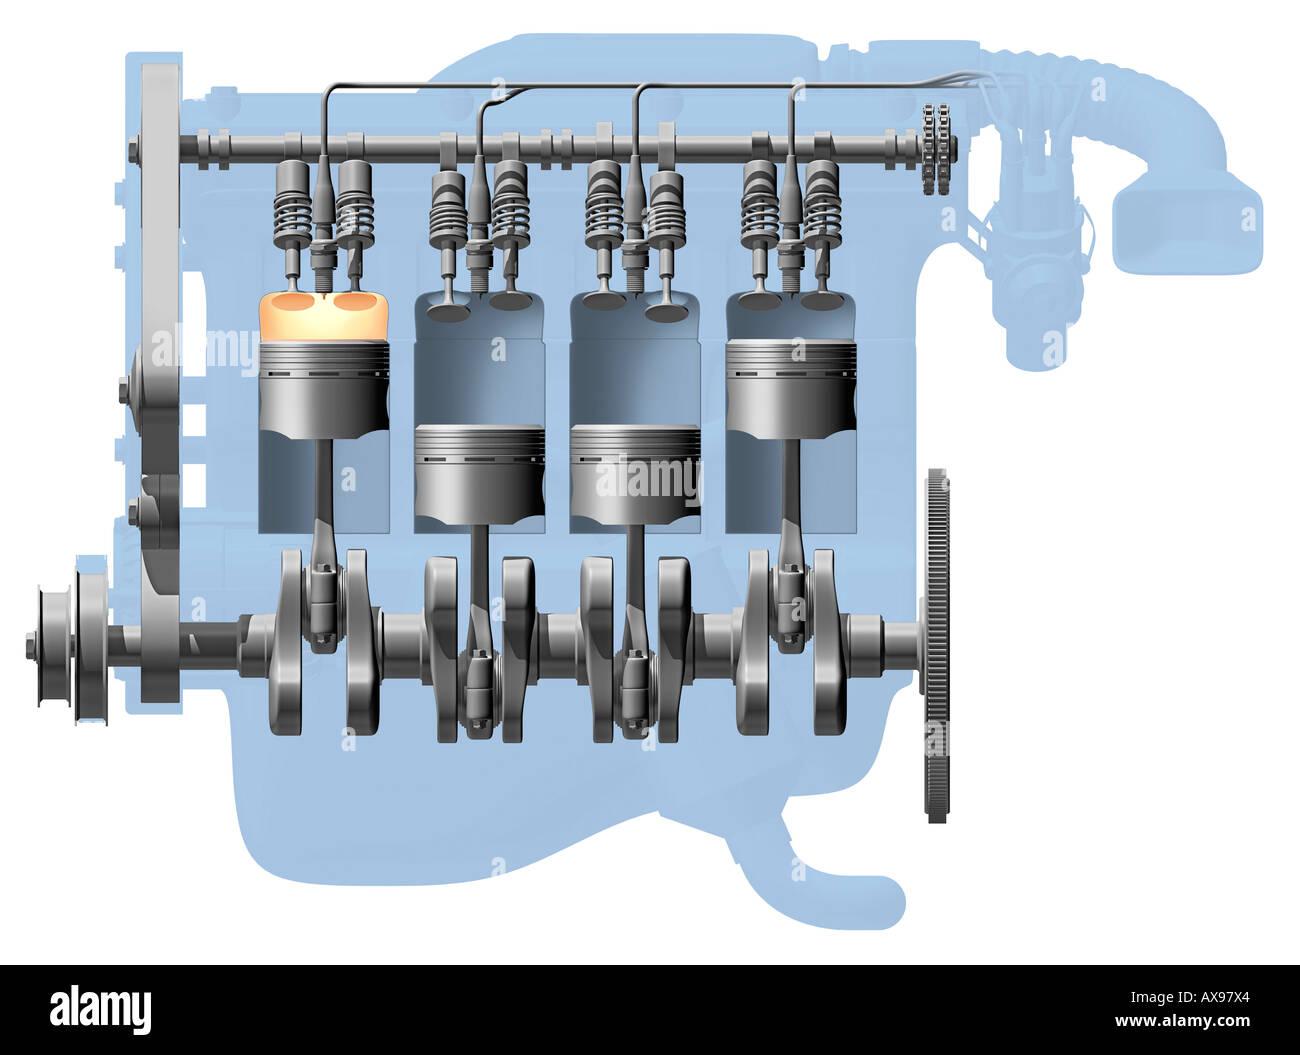 engine cutaway stock photos engine cutaway stock images alamy rh alamy com four cycle engine cutaway diagram Car Engine Diagram